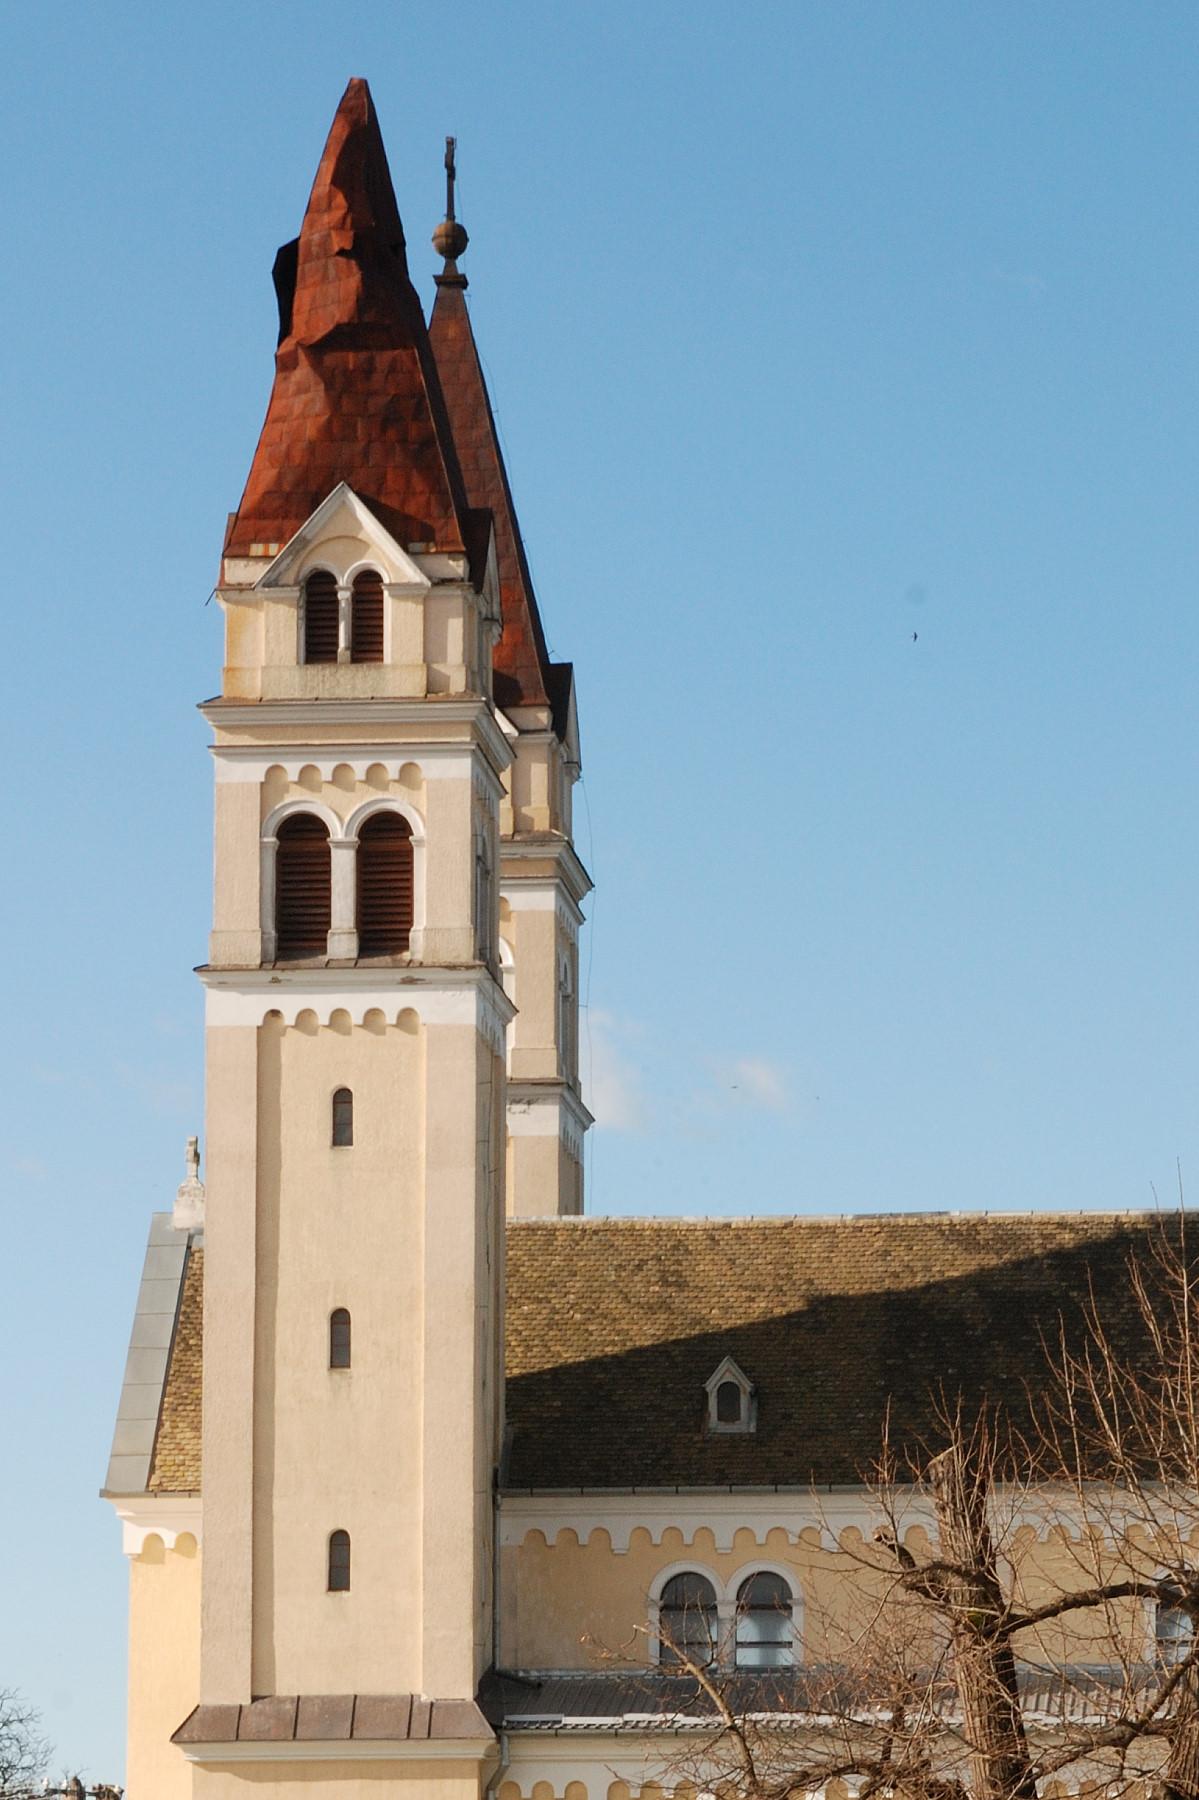 Schaden am Turm - Anfang April 2015